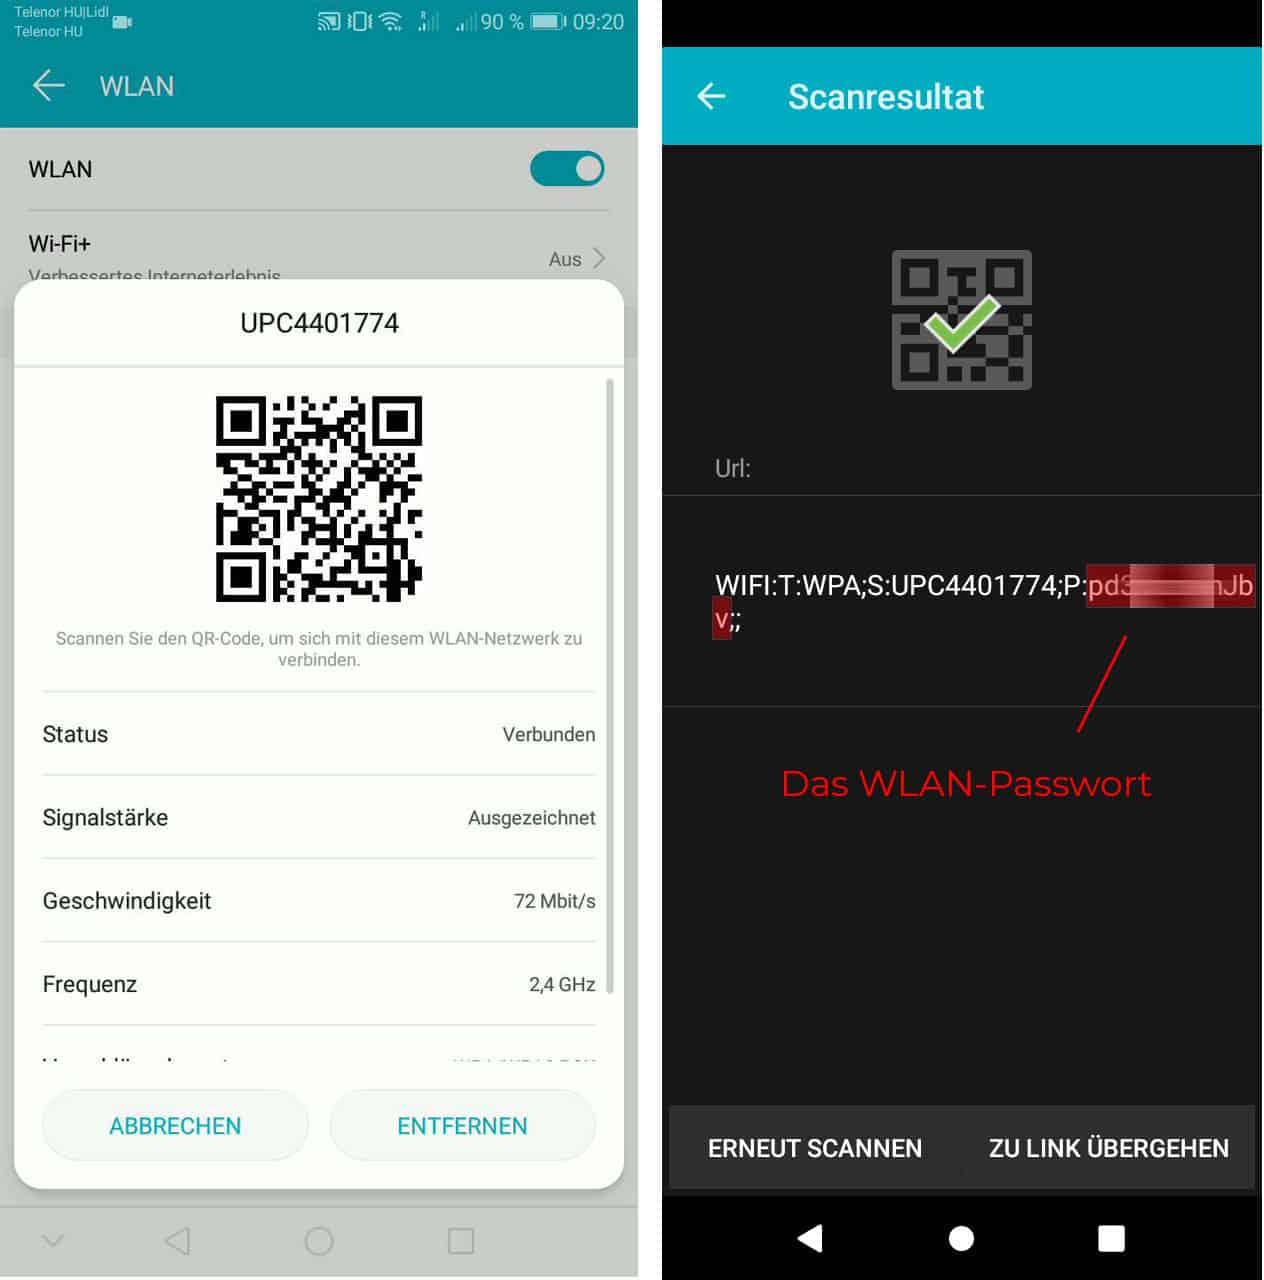 Das WLAN-Passwort unter Android ohne Root anzeigen lassen